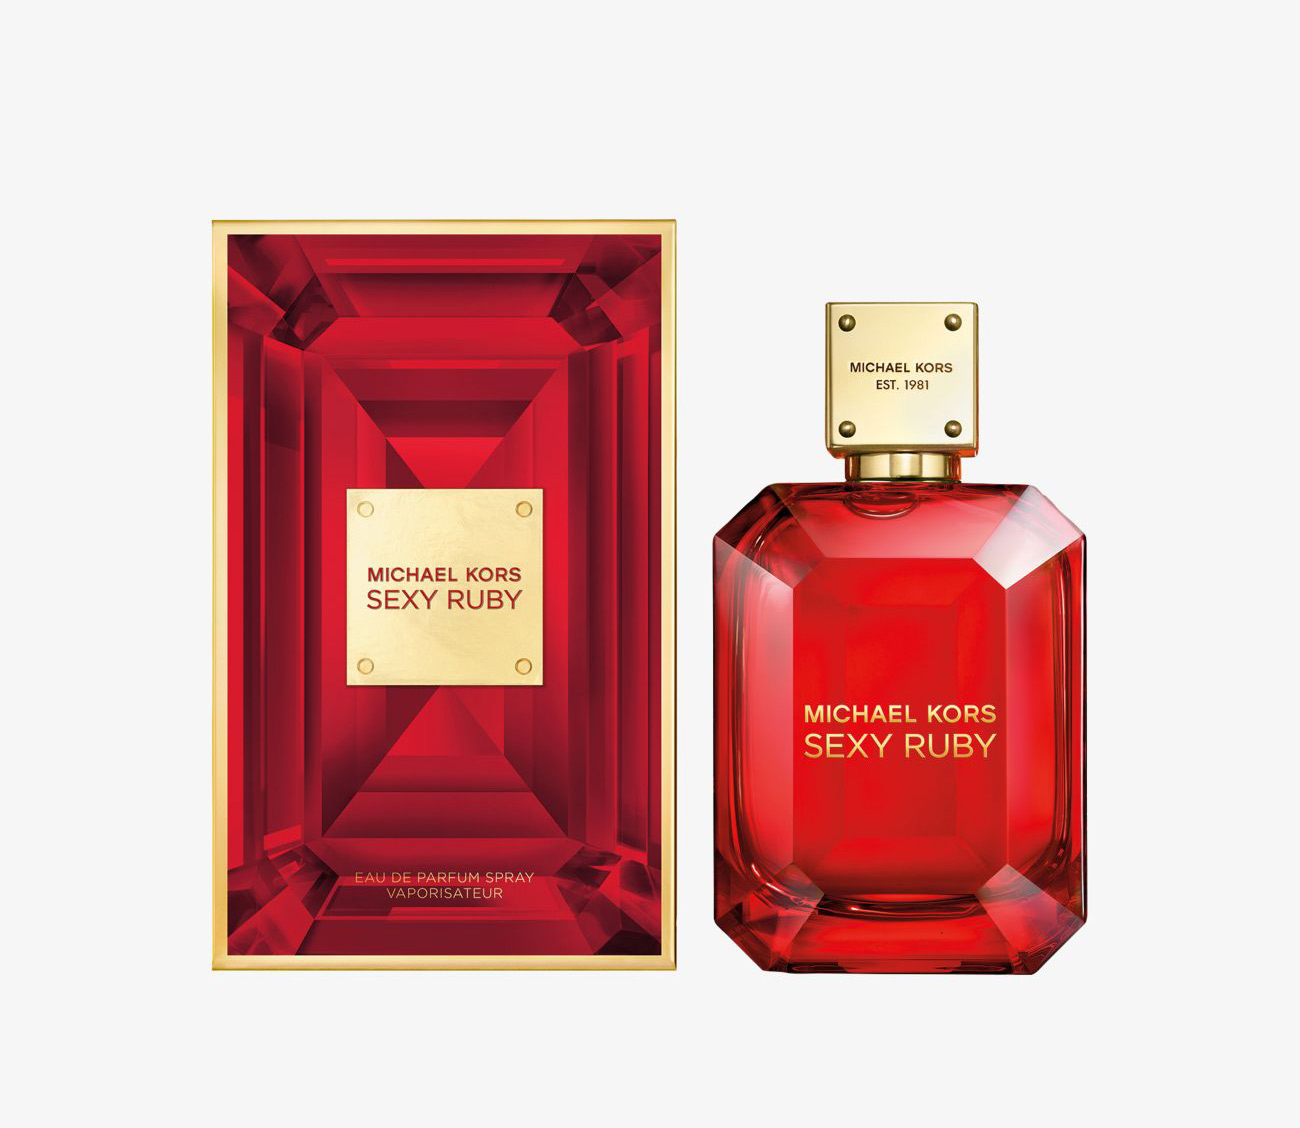 9276ccef90 Sexy Ruby Michael Kors άρωμα - ένα νέο άρωμα για γυναίκες 2017